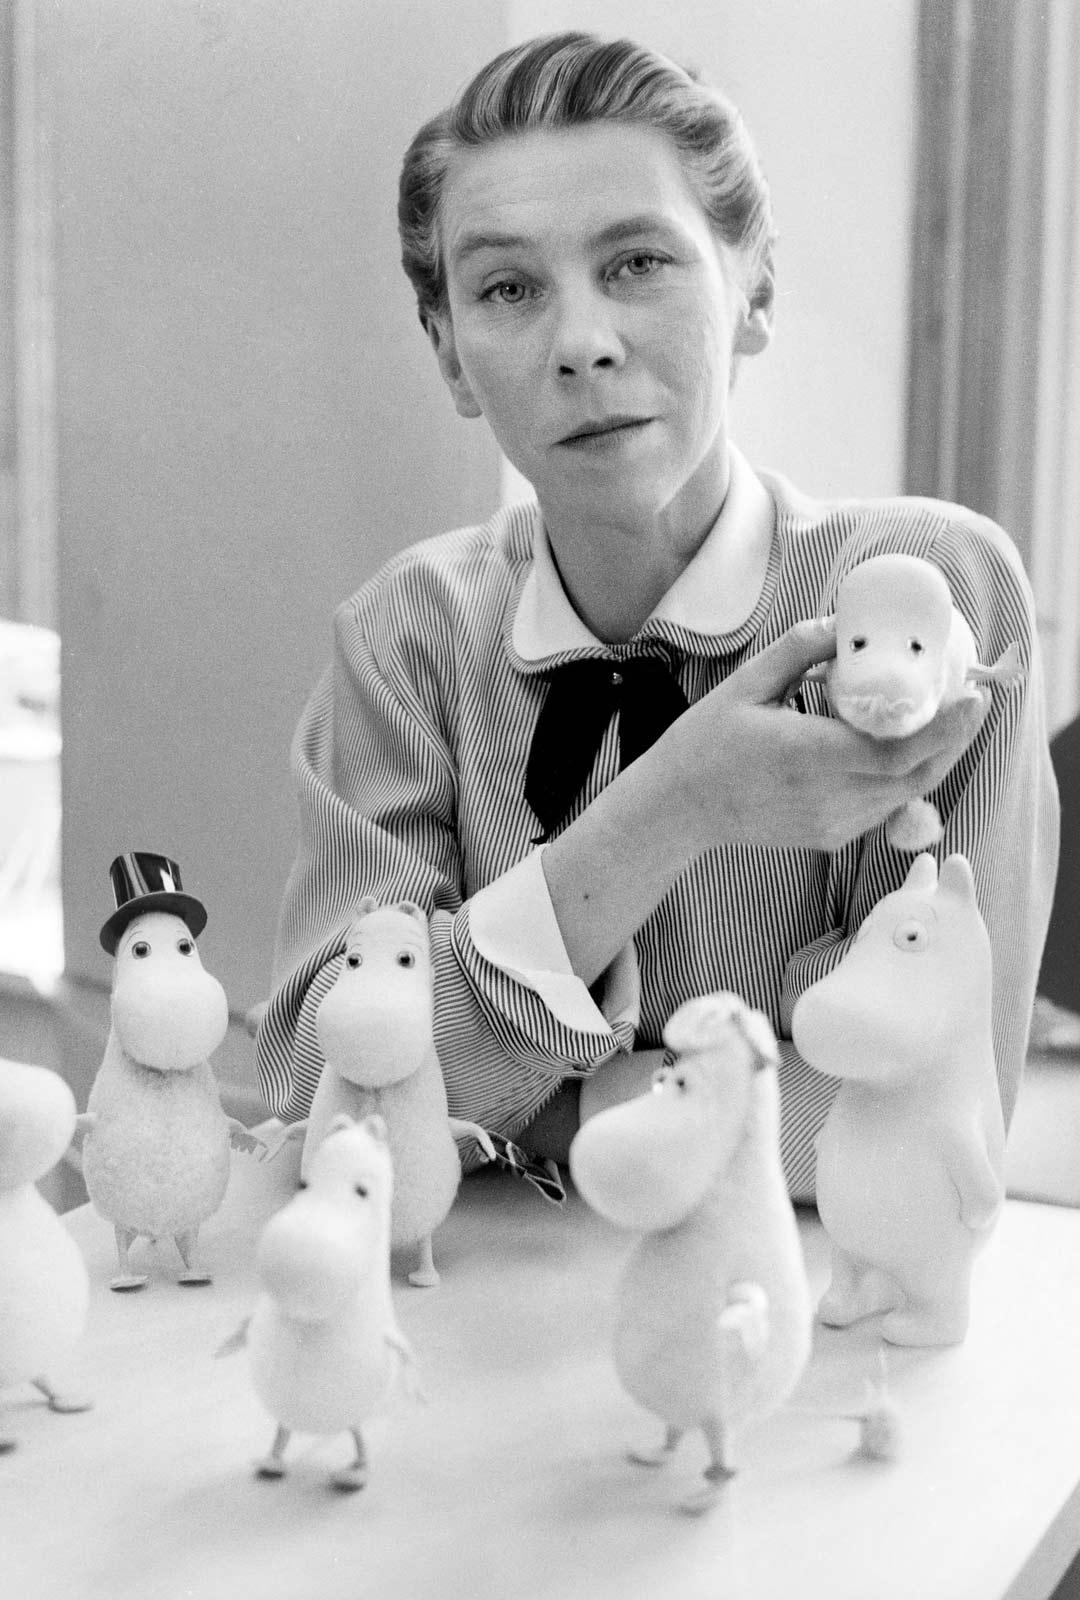 Kerhon näytöksissä vilisi tulevaa suomalaista taide-eliittiä, muun muassa nuori graafikko Tove Jansson.